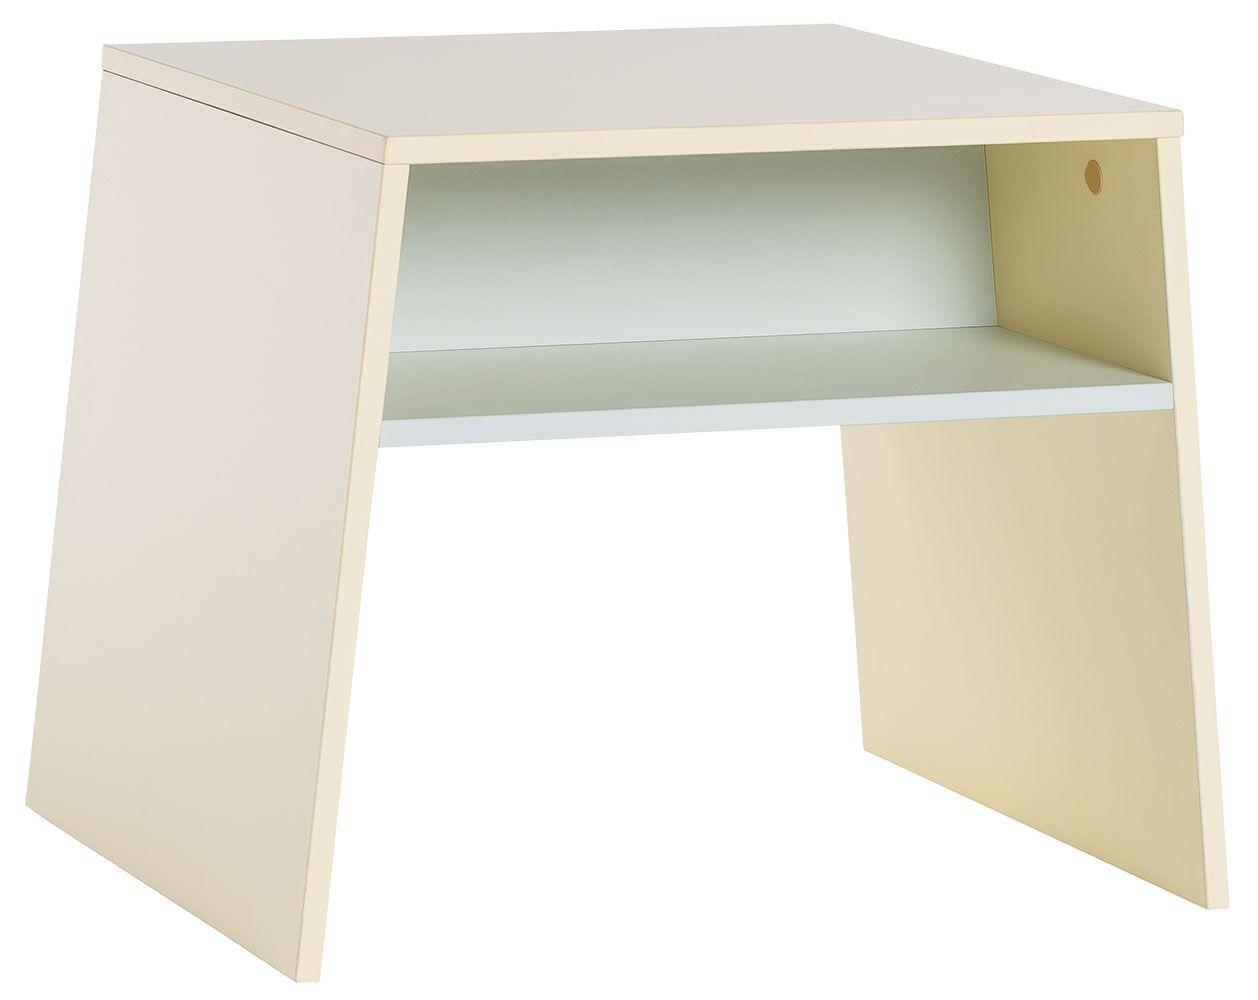 Kindertisch Irlin 03, Farbe: Gelb / Grün - Abmessungen: 49 x 60 x 50 cm (H x B x T)